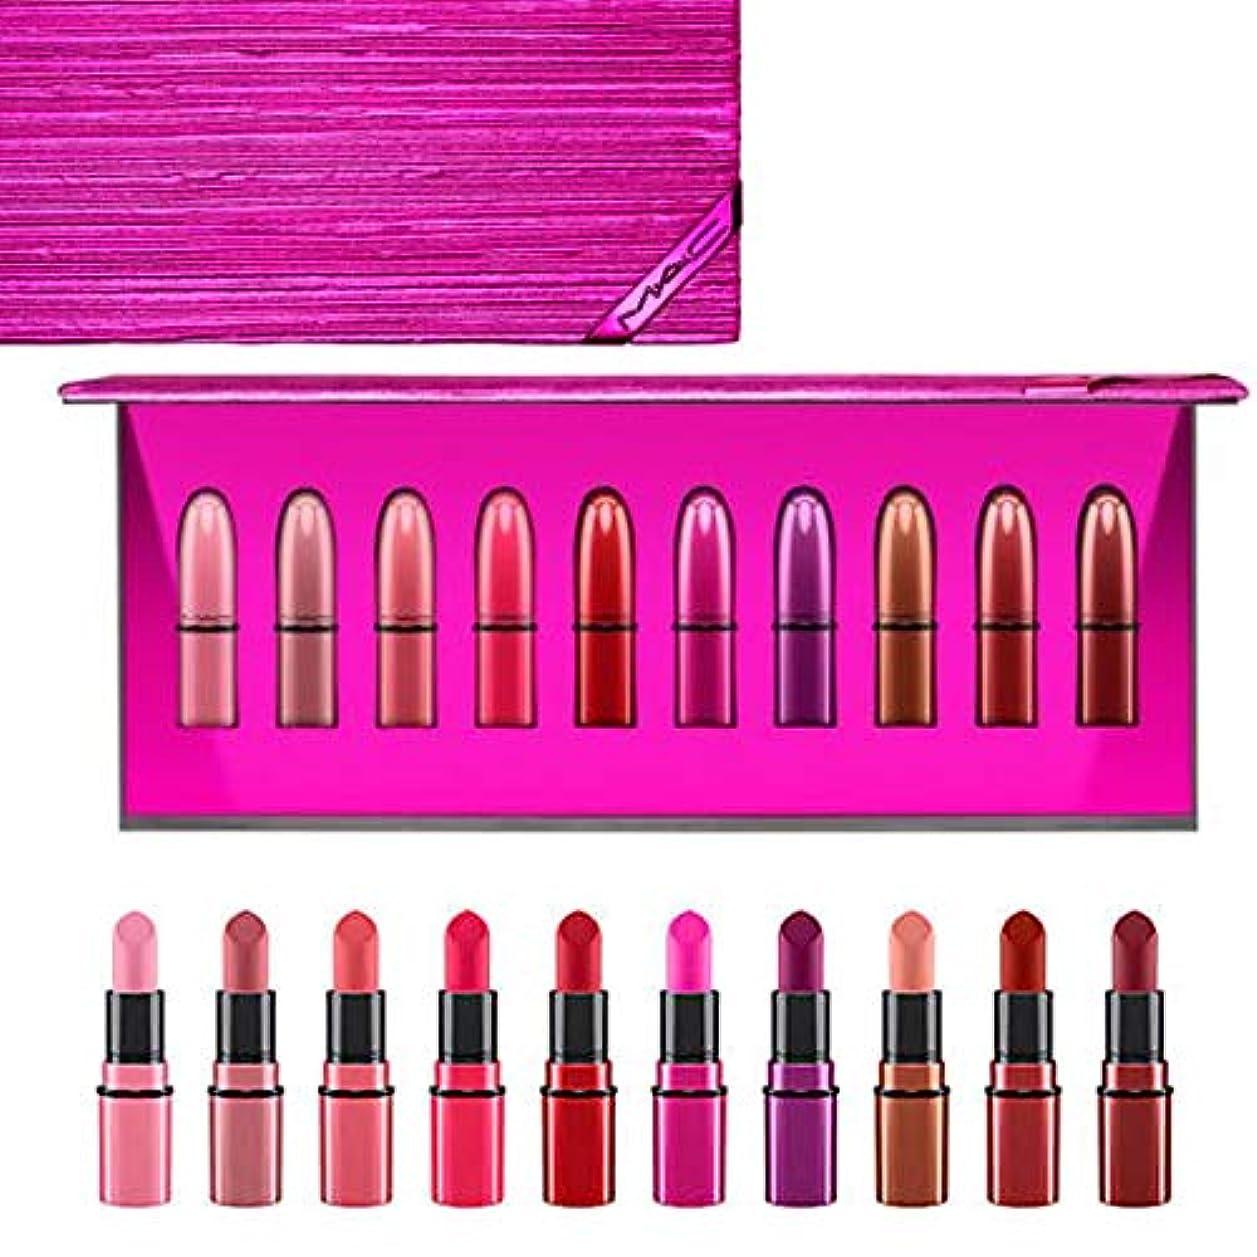 フェンス殺す馬鹿MAC?マック, Shiny Pretty Things Lip Kit,Mini Lipsticks 10/set [海外直送品] [並行輸入品]